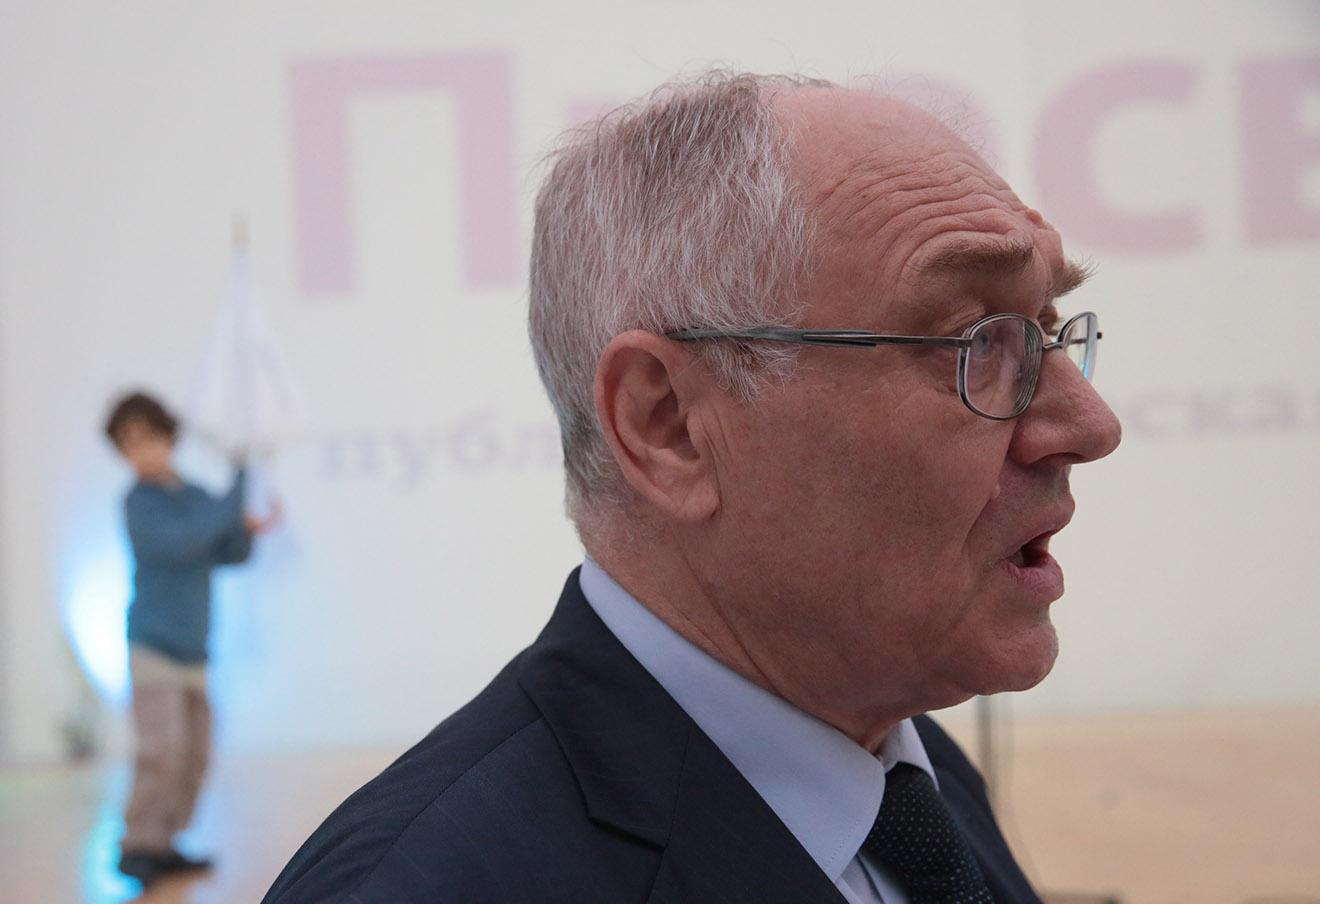 Лев Гудков. Фото: Павел Смертин / ТАСС